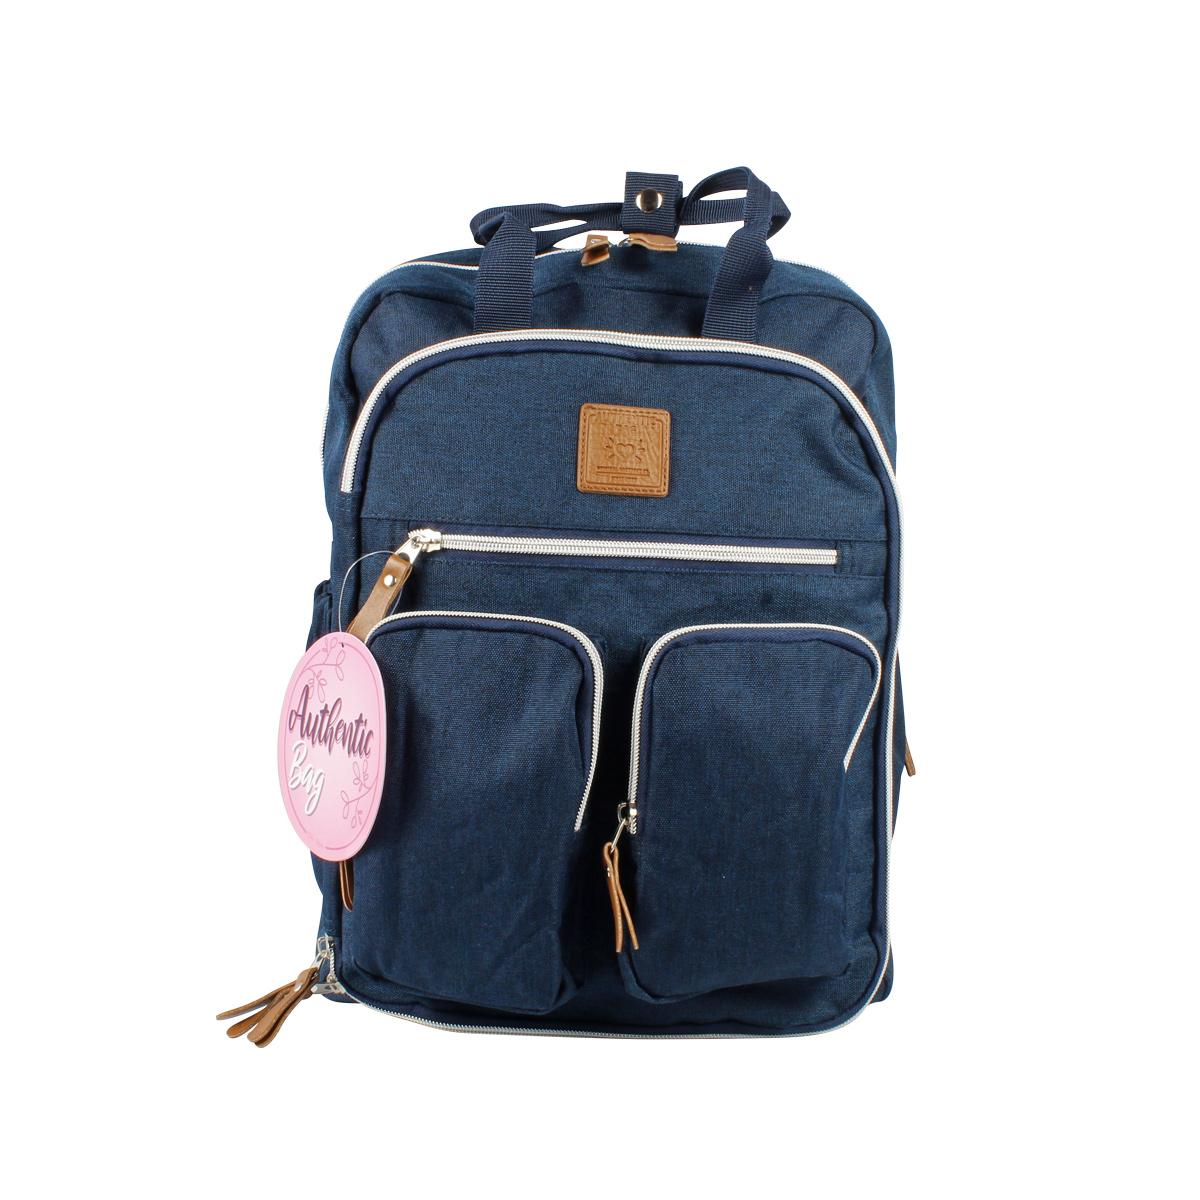 Mochila Maternidade Mommy Bag MM3302 Azul Marinho Original Clio